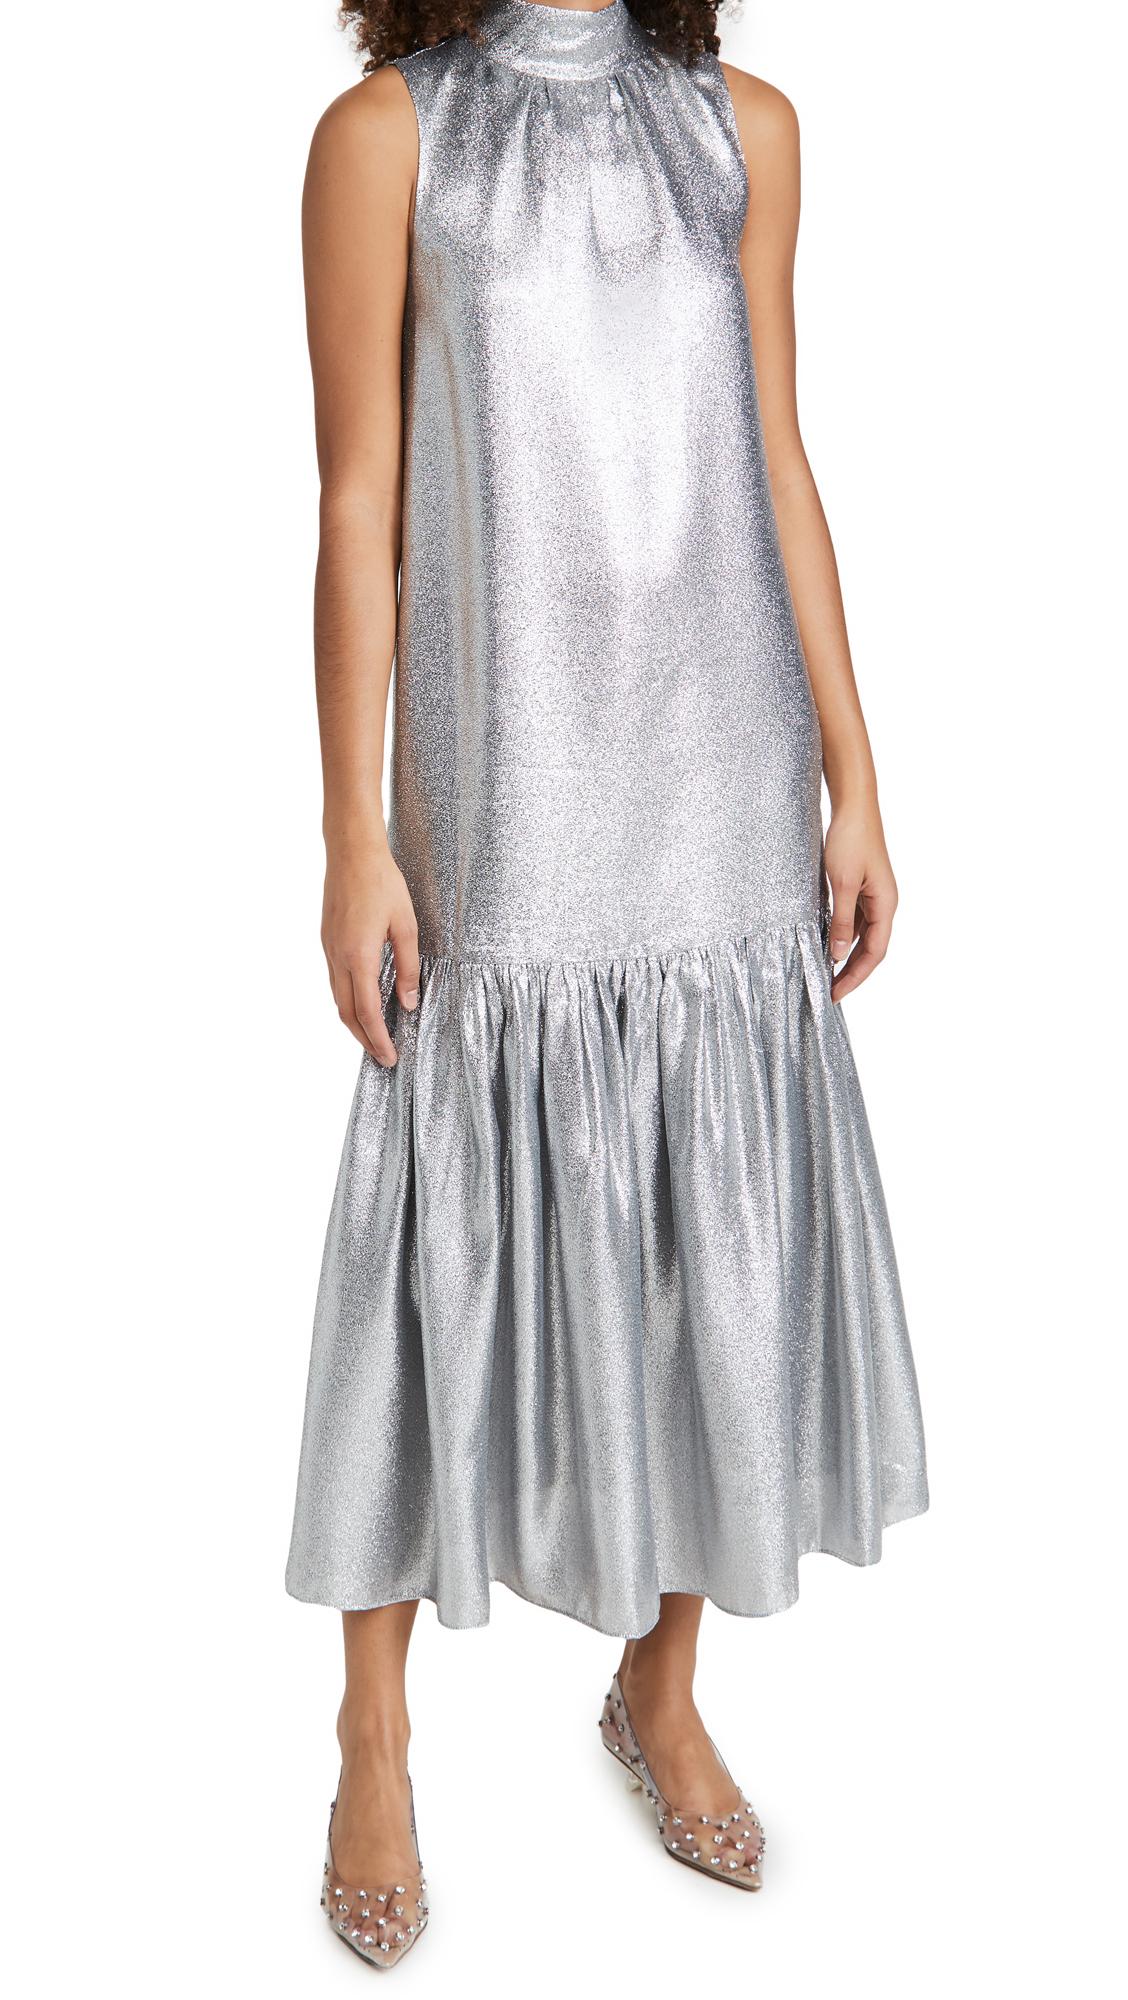 Tibi Dropwaist Dress